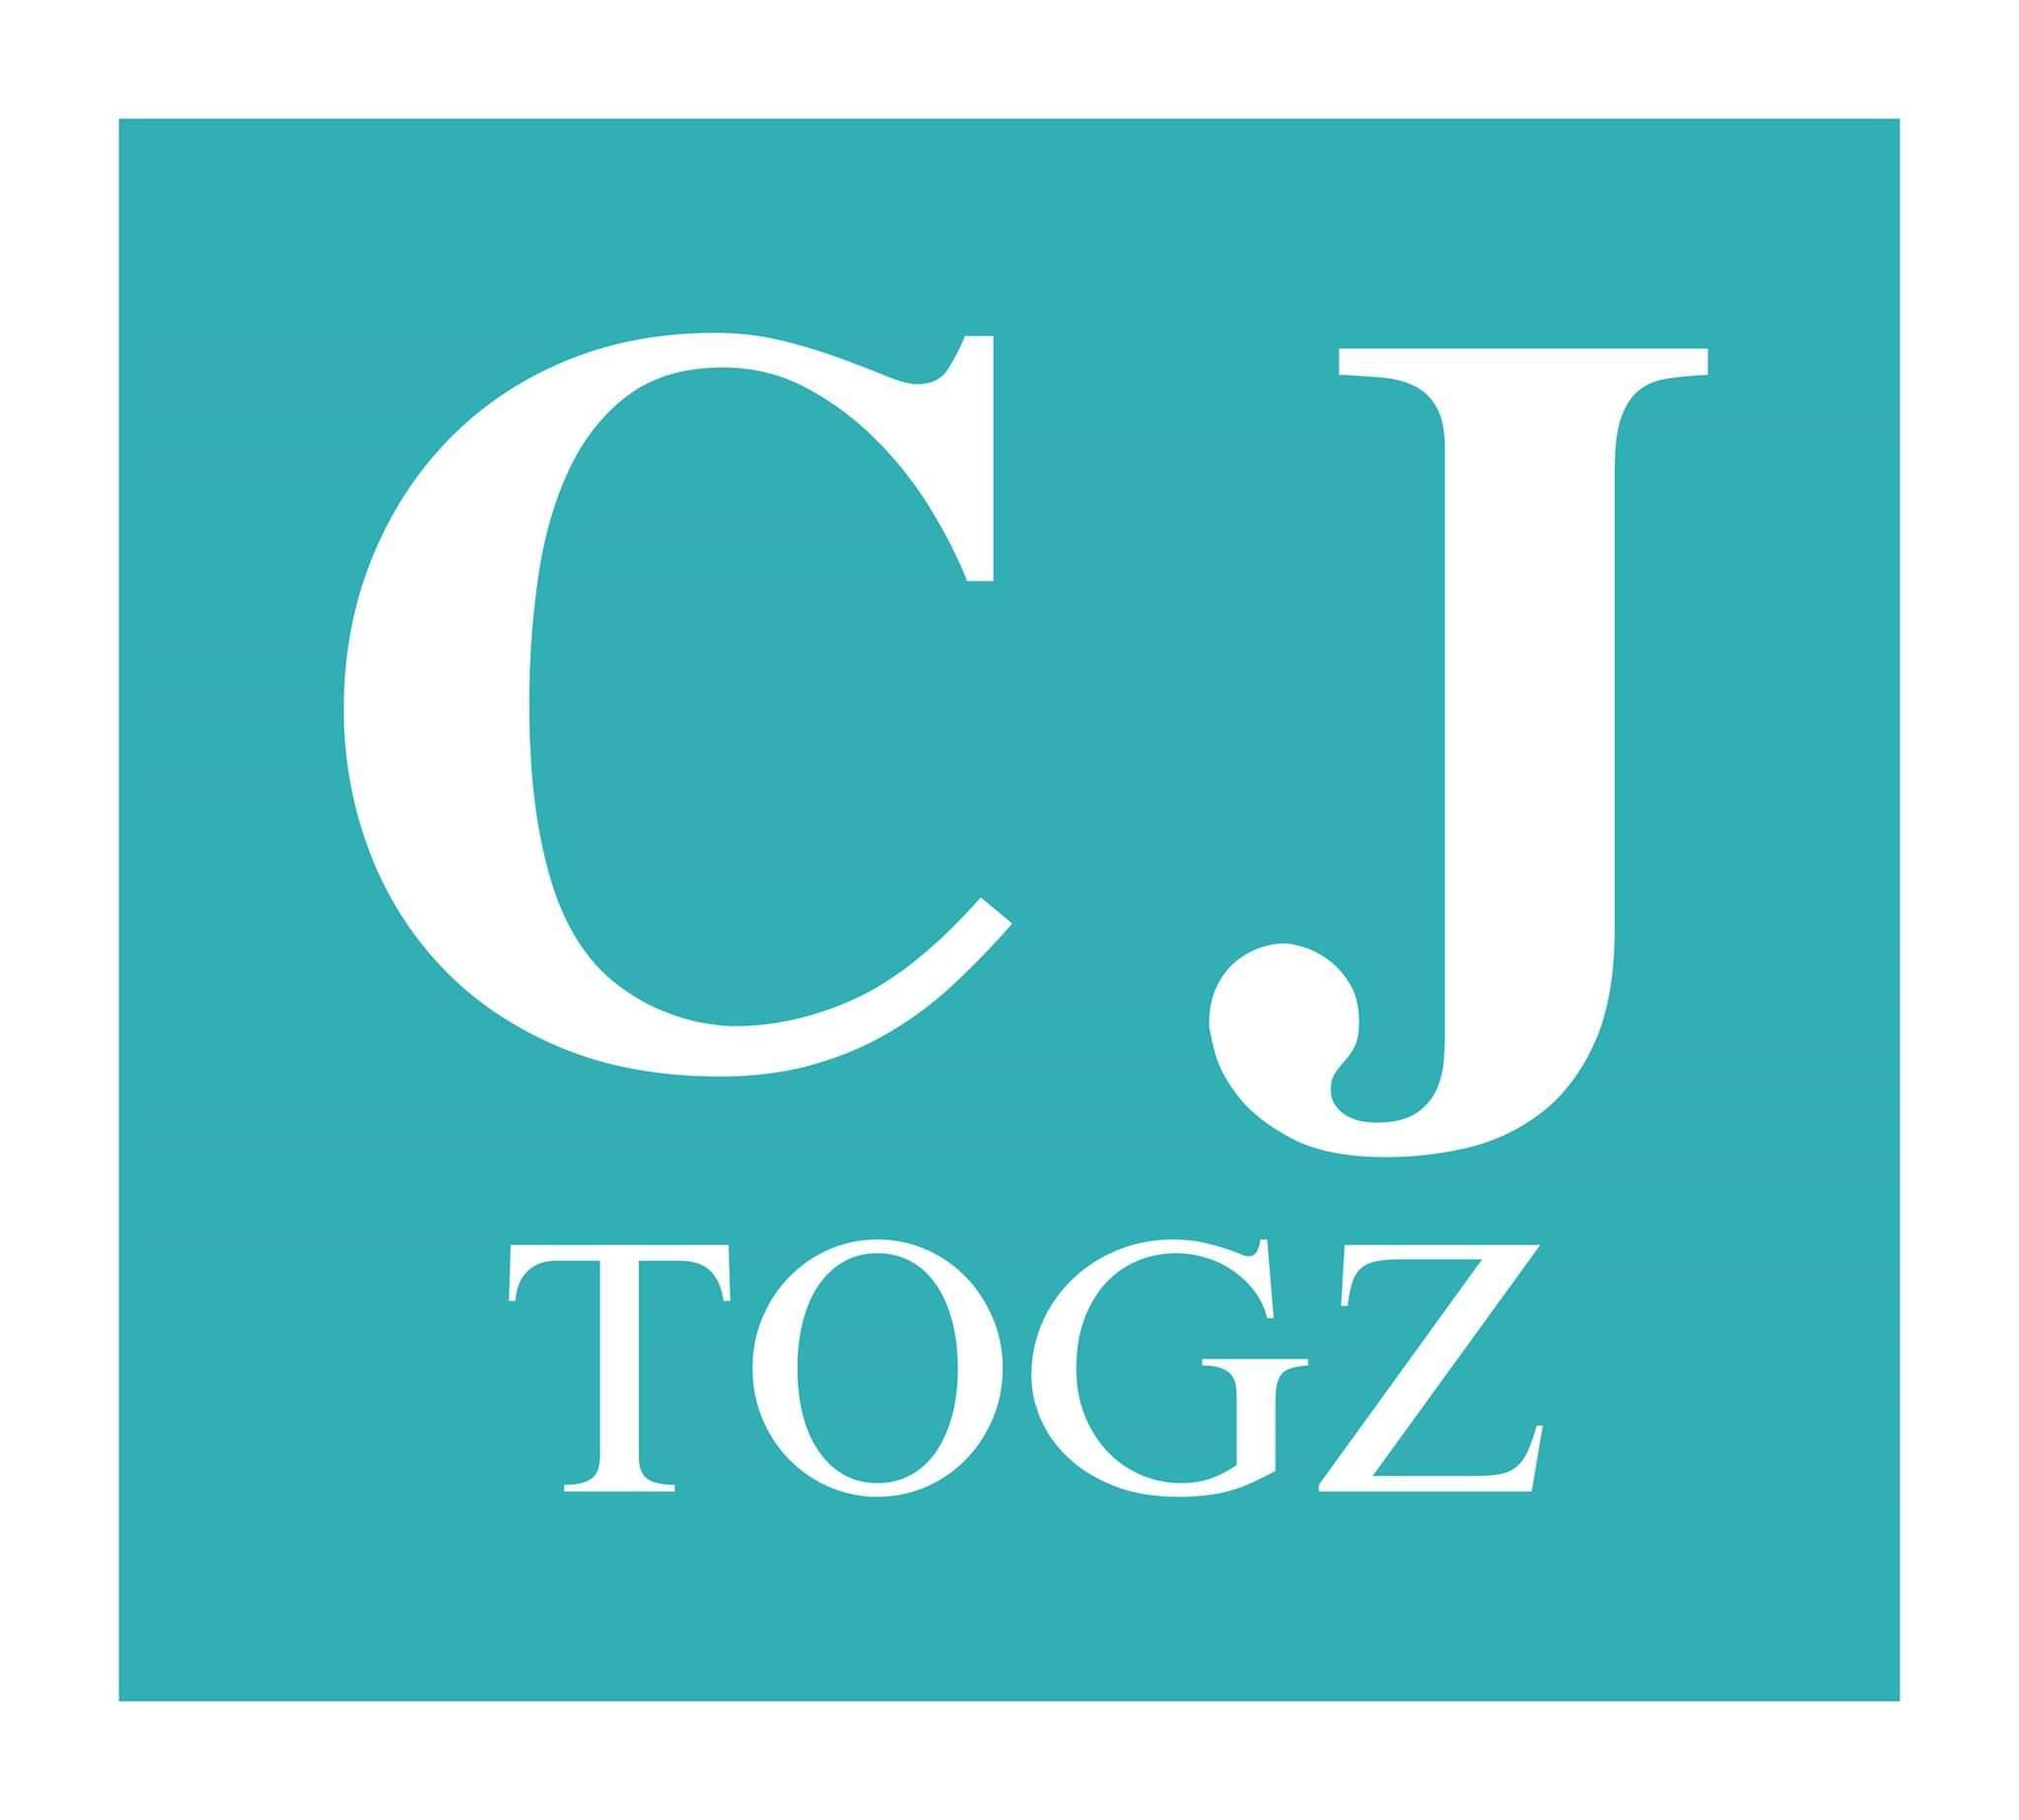 CJ Togz